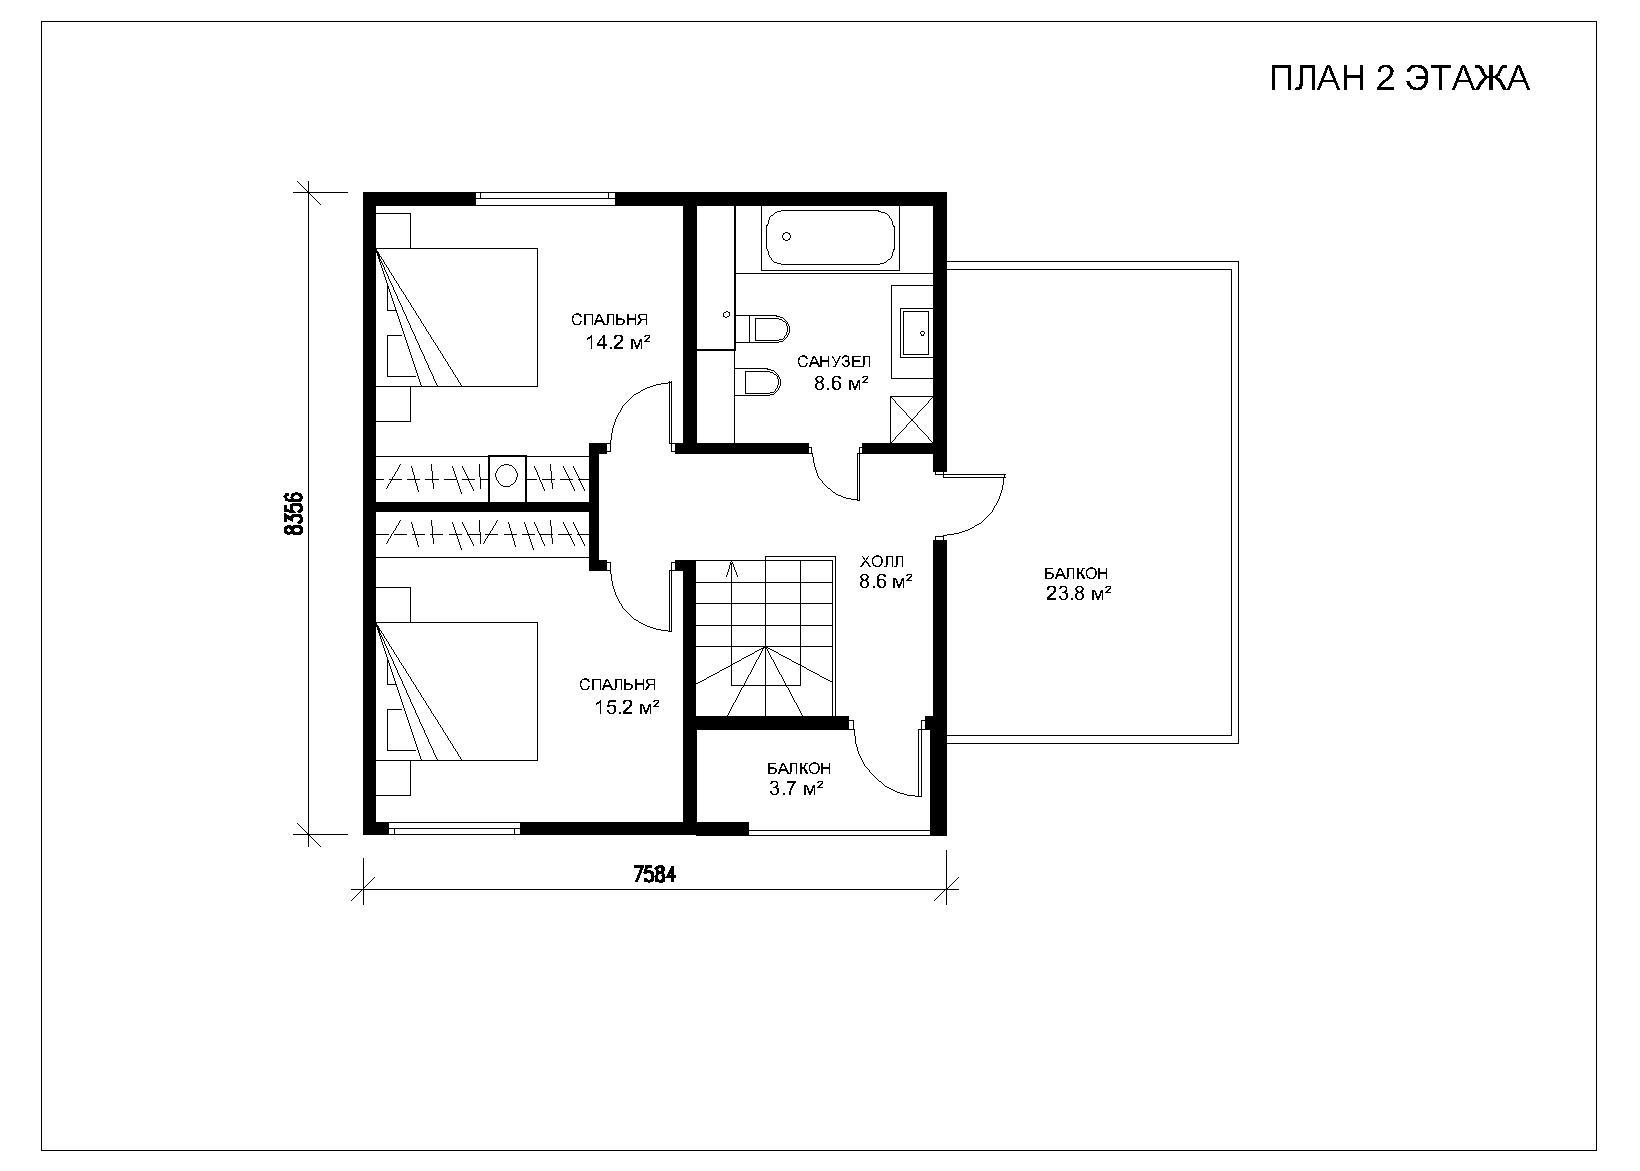 Схема планировки балкона.